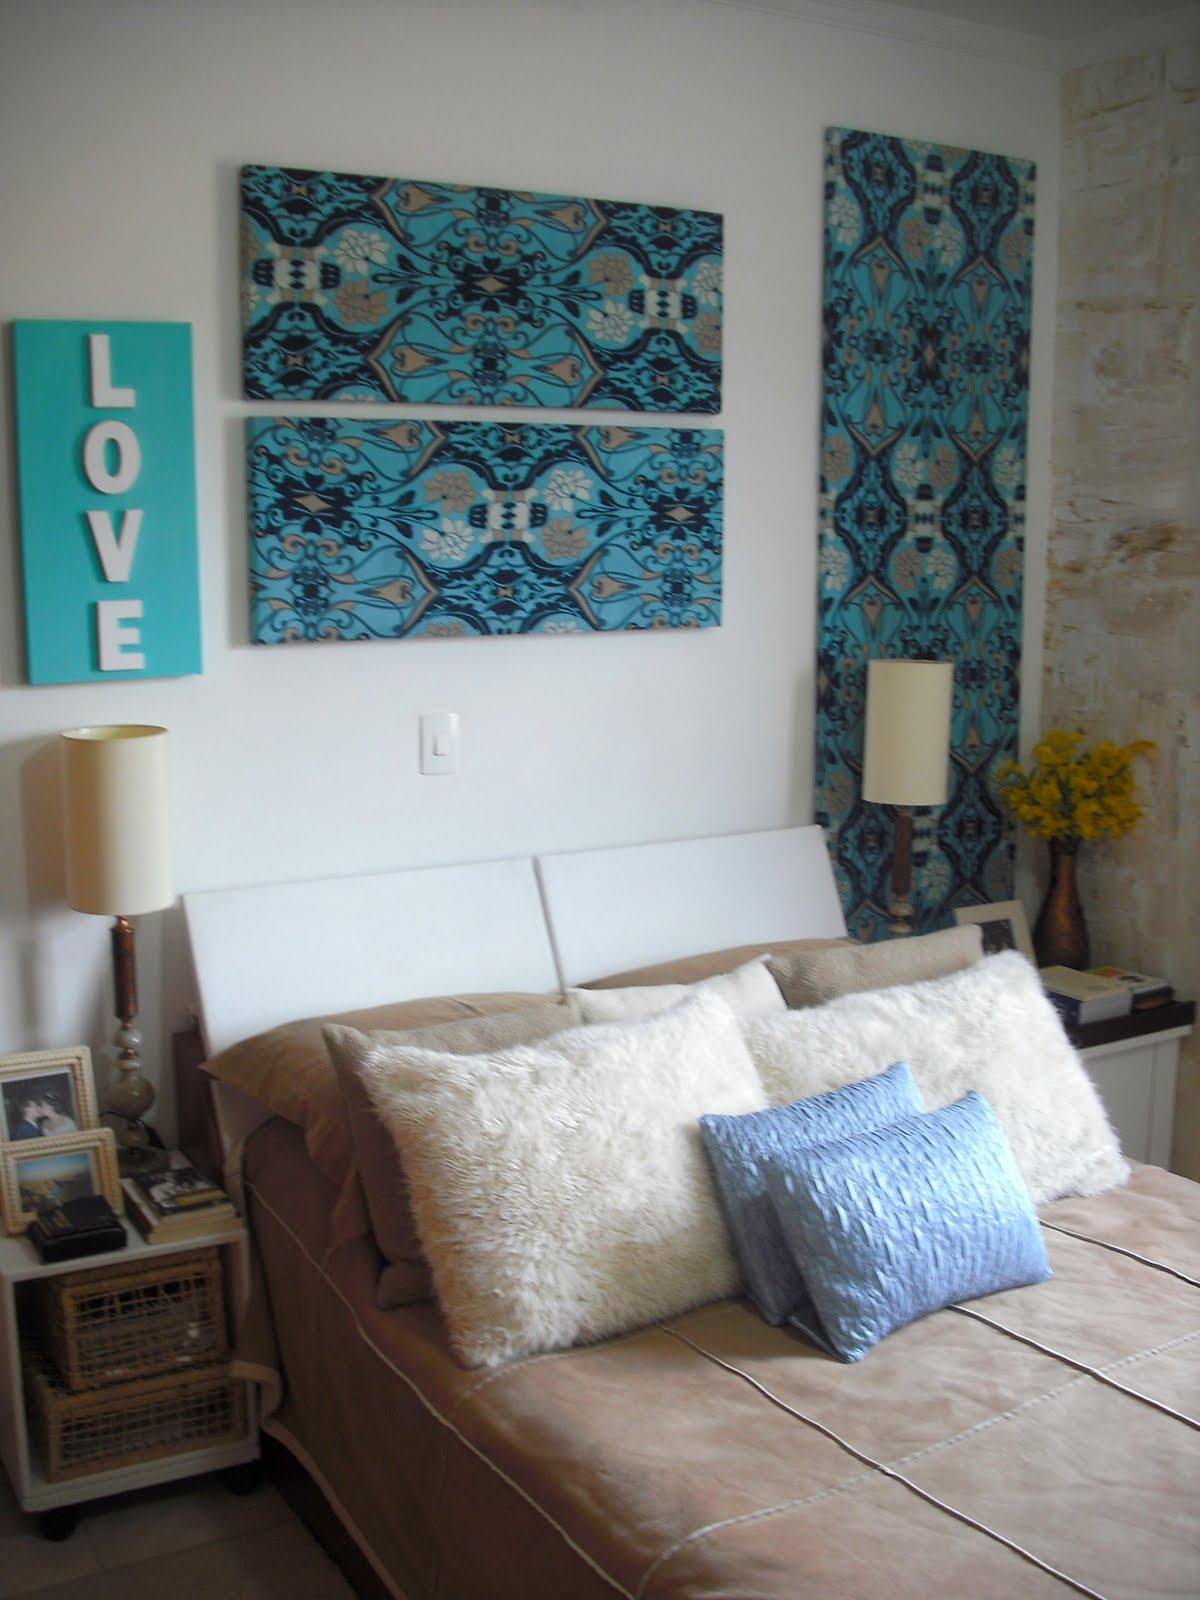 Decorar gastando pouco dica 4 reciclar e decorar blog - Telas decorativas para paredes ...